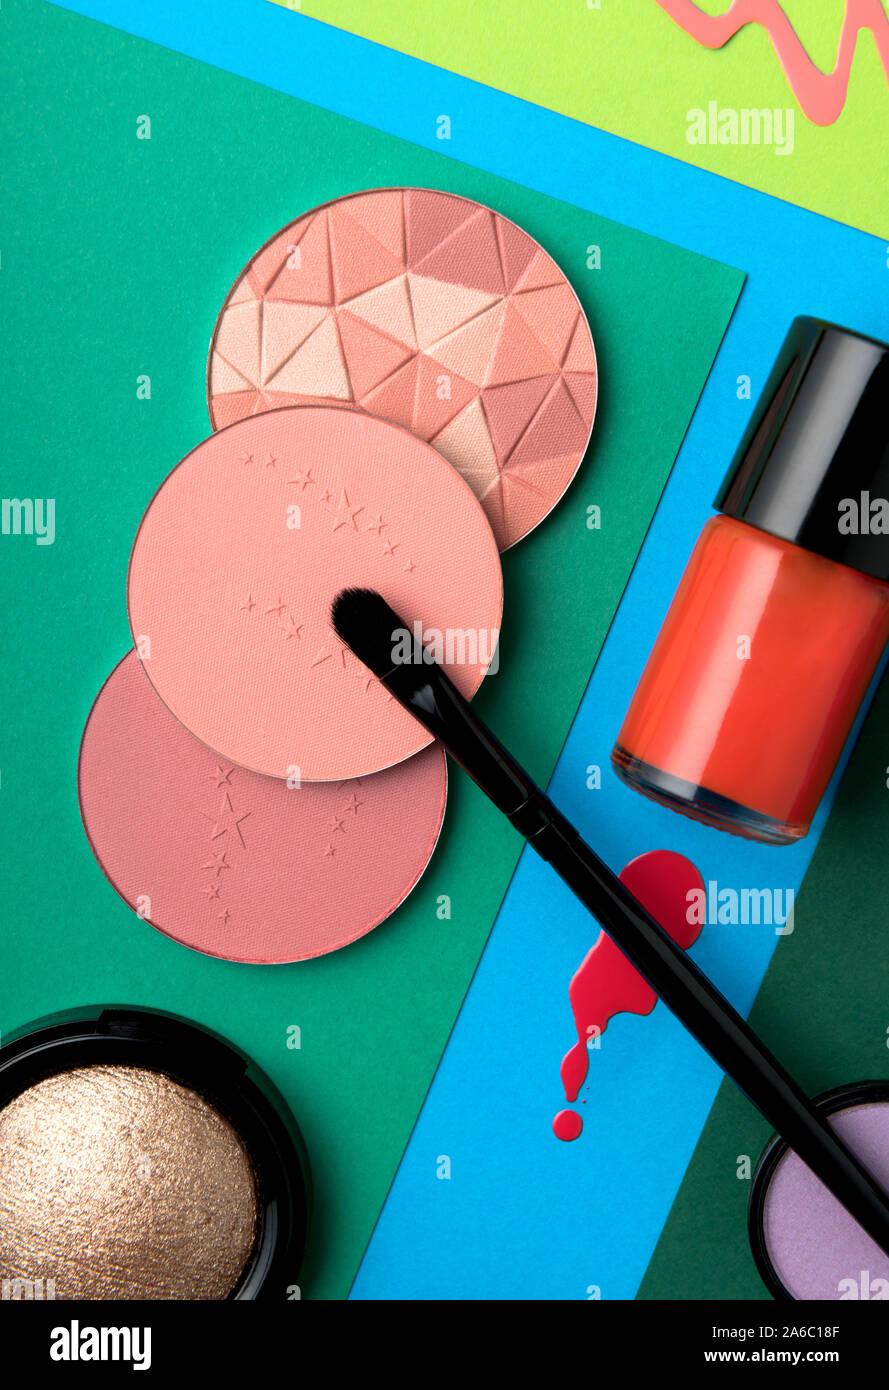 Stillleben mit Make-up und Schönheit Produkte Stockfoto